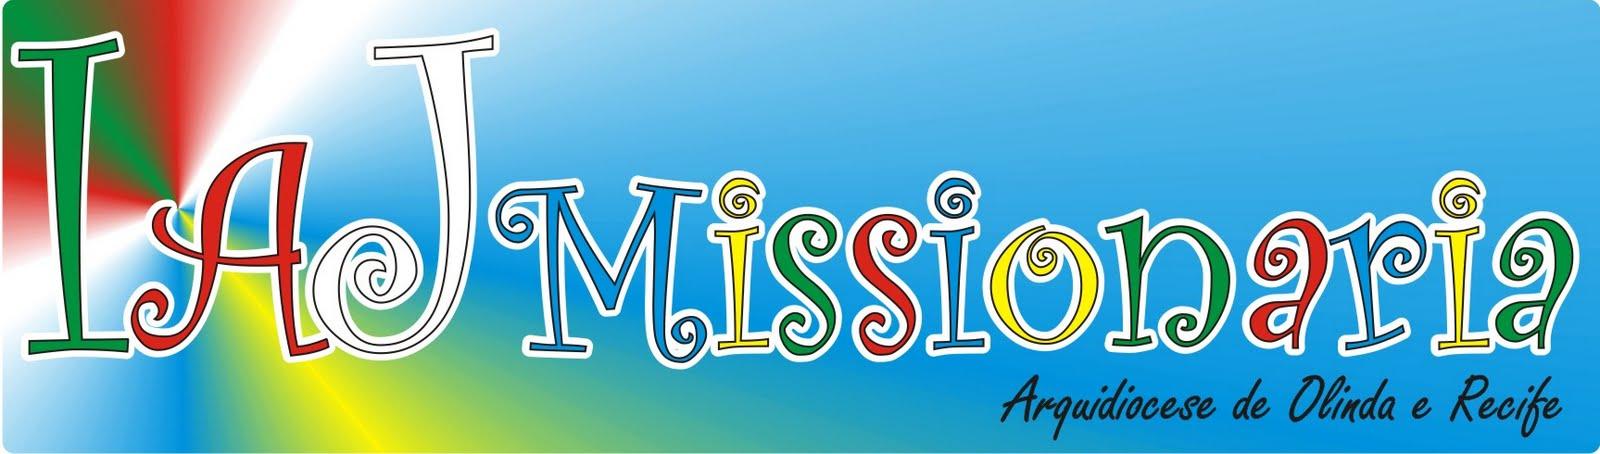 Infancia, Adolescencia e Juventude Missionária - Olinda e Recife